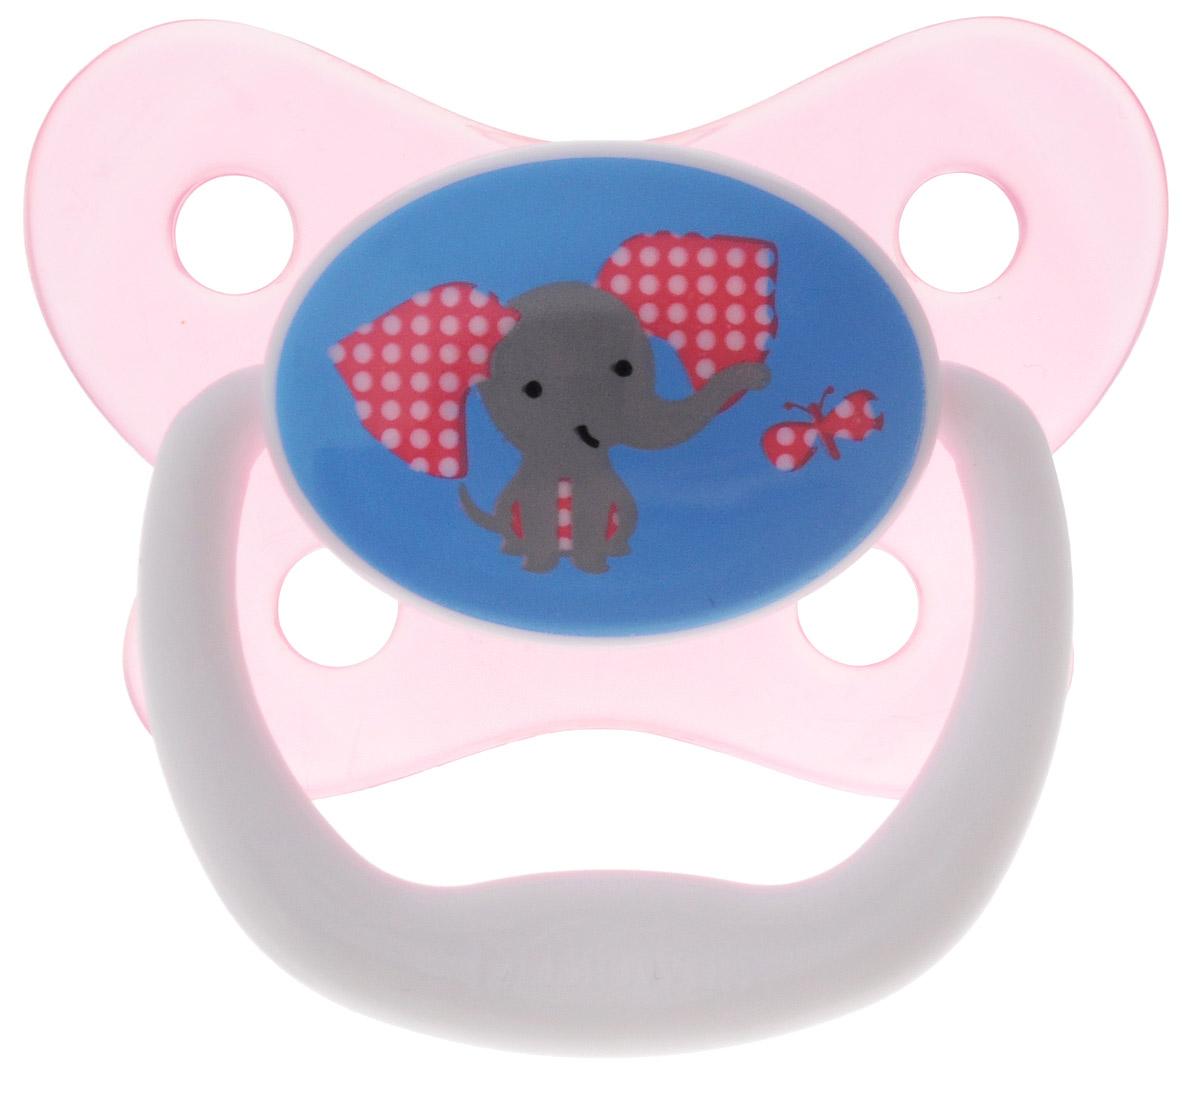 Dr.Browns Пустышка PreVent Бабочка Слон от 6 до 12 месяцев цвет розовыйPV21304_розовый слонПустышка Dr.Browns PreVent Бабочка. Слон, разработанная детским стоматологом, предназначена для малышей от 6 до 12 месяцев. Она снабжена контурным ободком, обеспечивающим нежное касание лица ребенка. Пустышка имеет воздушный канал, ослабляющий разрежение и снижающий давление на небо. Мягкая, ослабляющая разрежение грушевидная часть соски при сосании расходится в стороны, создавая комфортные условия. Тонкая ножка уменьшает воздействие на рот ребенка. Пустышка удовлетворяет естественный сосательный рефлекс и тренирует мышцы губ, языка и челюсти, что играет важную роль в развитии речевых навыков и навыков приема пищи Снабжена защелкивающимся гигиеничным колпачком. Не содержит Бисфенол-А.